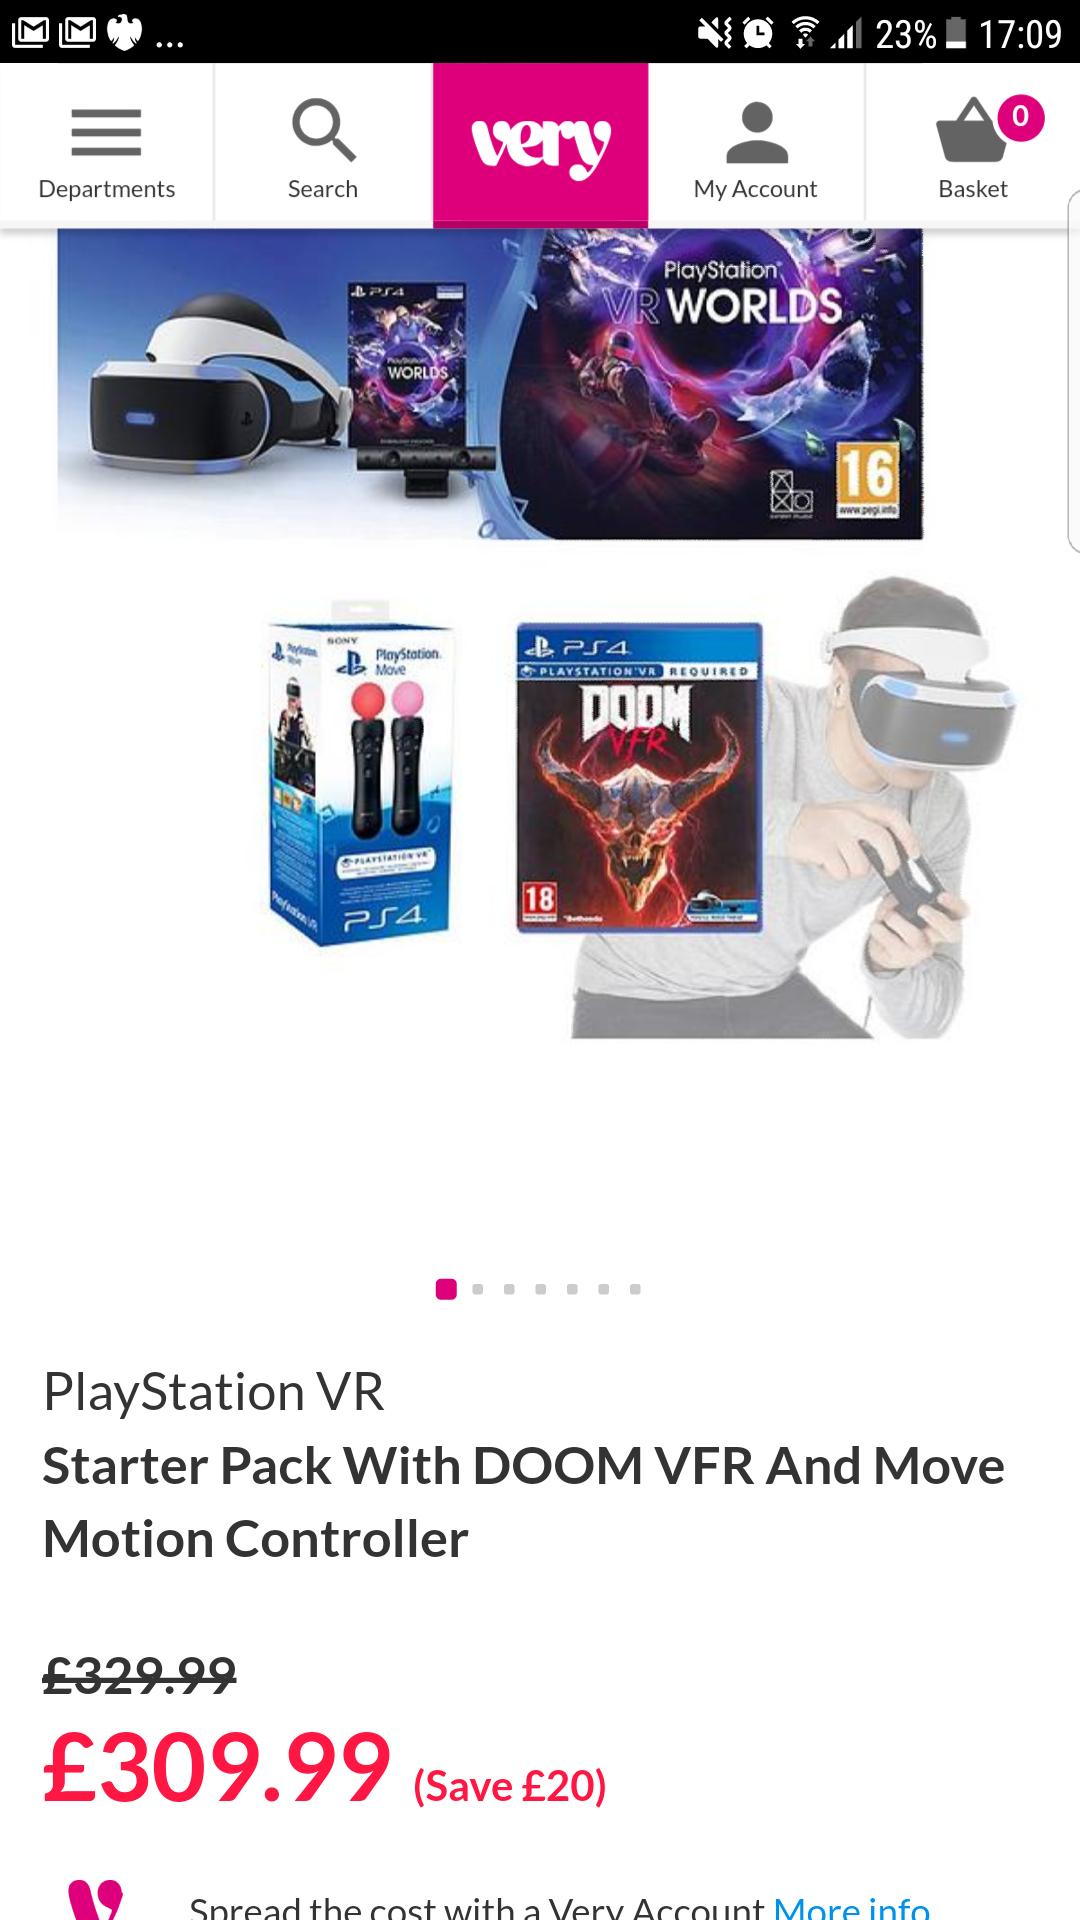 Playstation VR Starter pack + Doom VFR + Move motion controller £283.98 @ Very